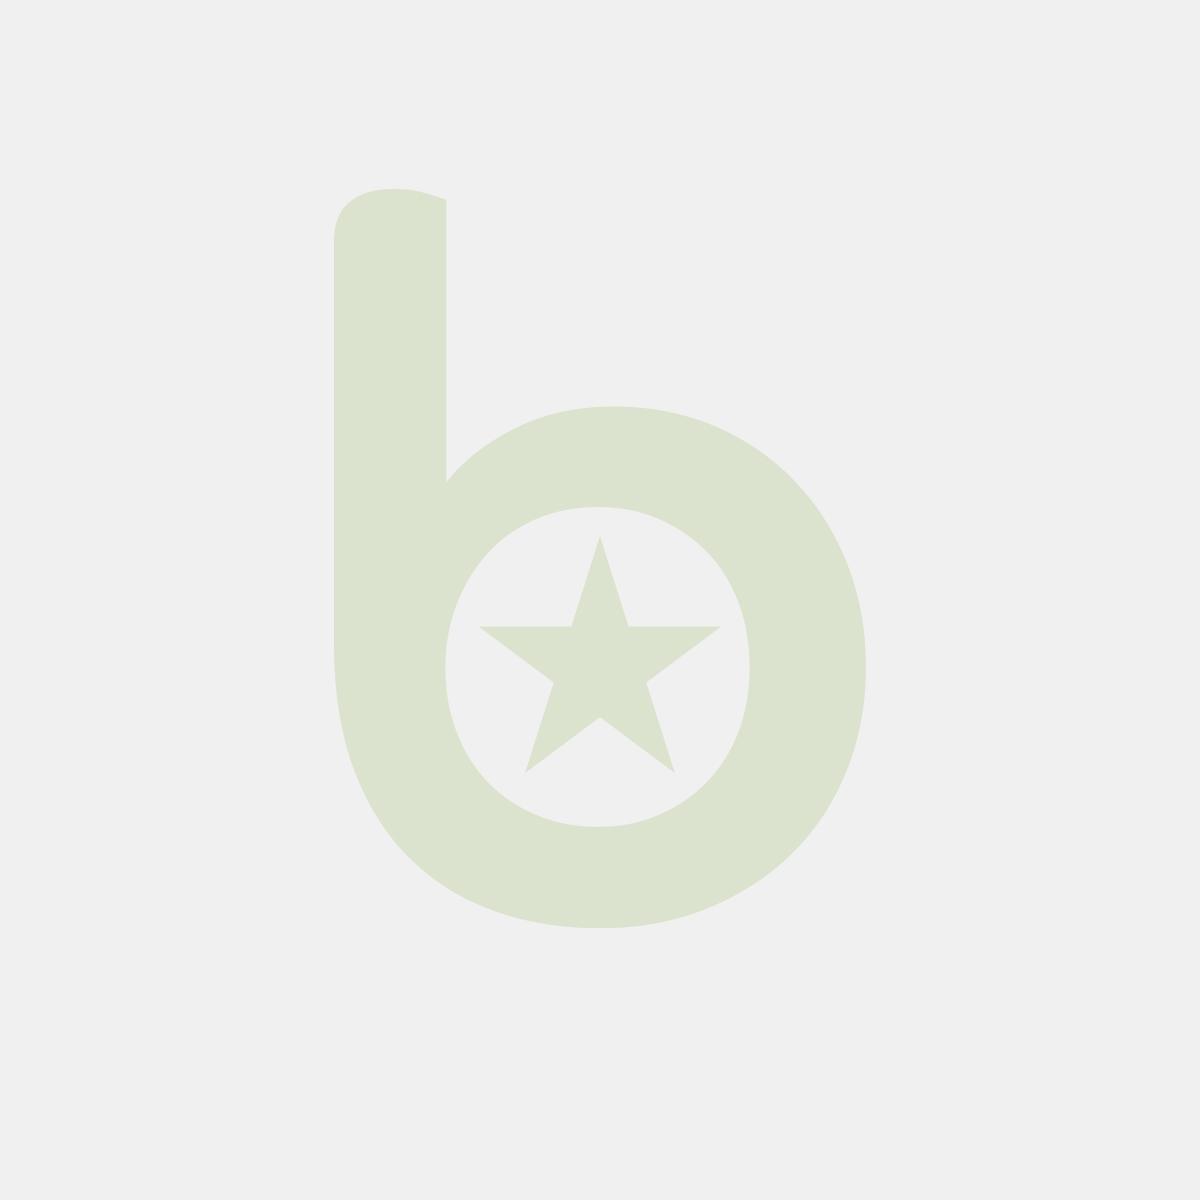 HOT-DOG francuski 190x70x40, cena za opakowanie 1000szt